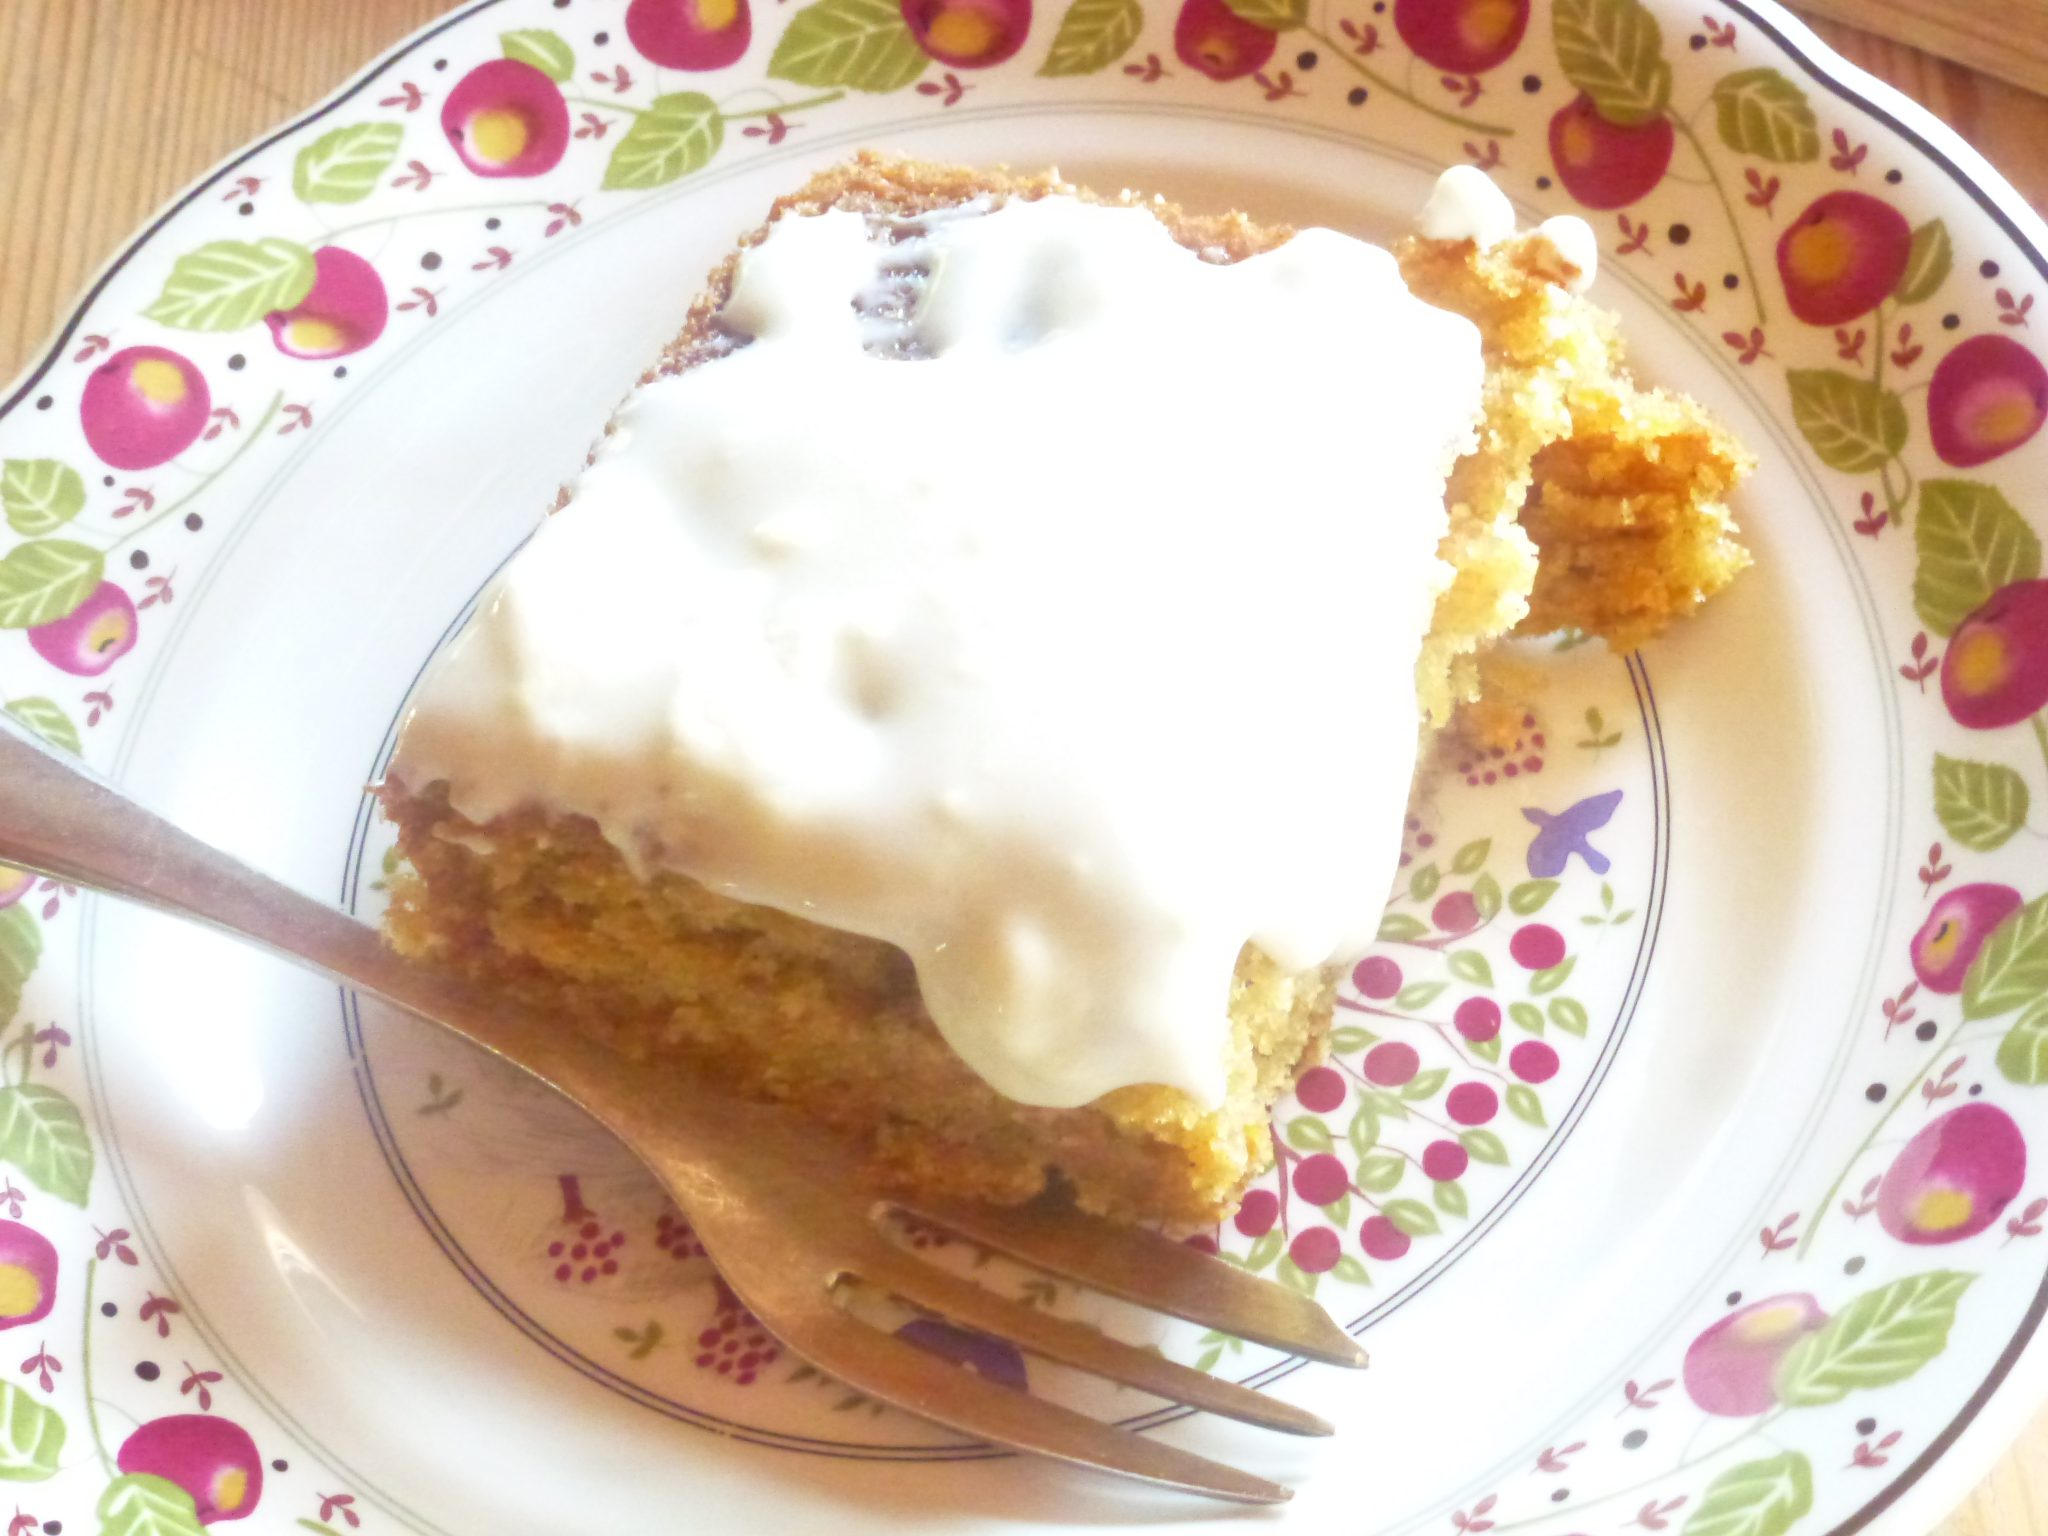 Un coin de paradis - gâteau de carotte